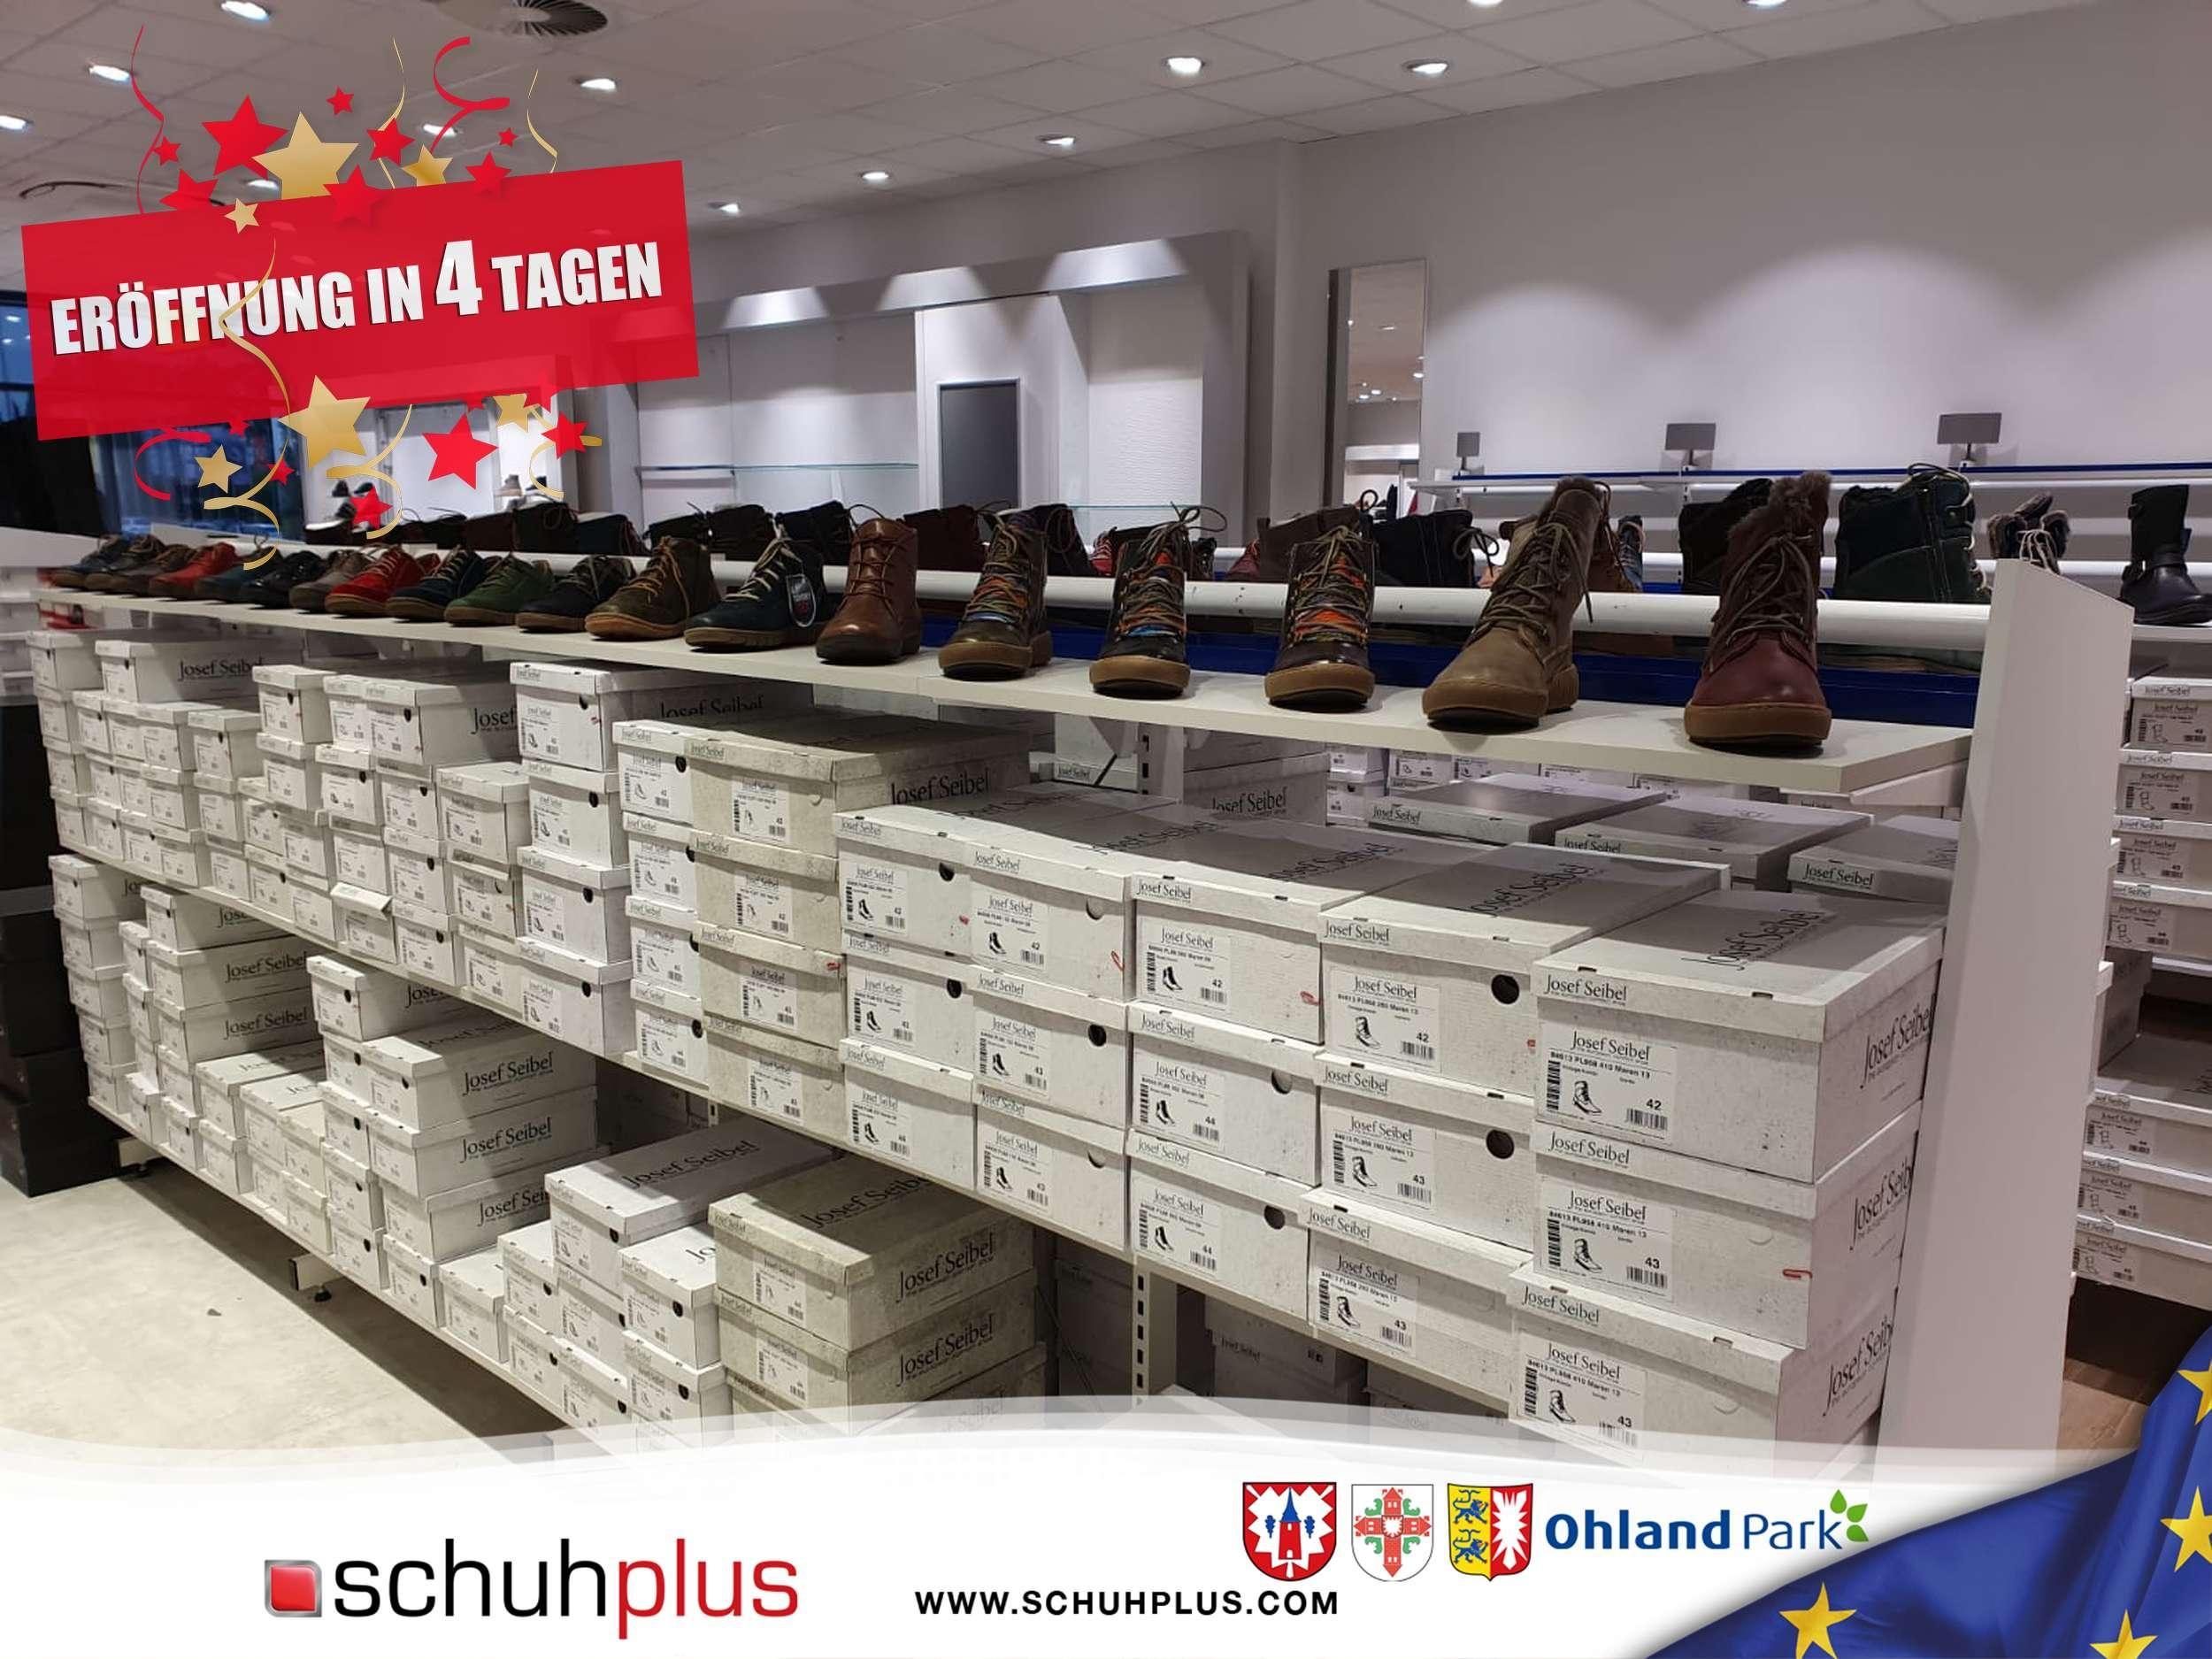 Countdown bis zur Eröffnung der Filiale von schuhplus https